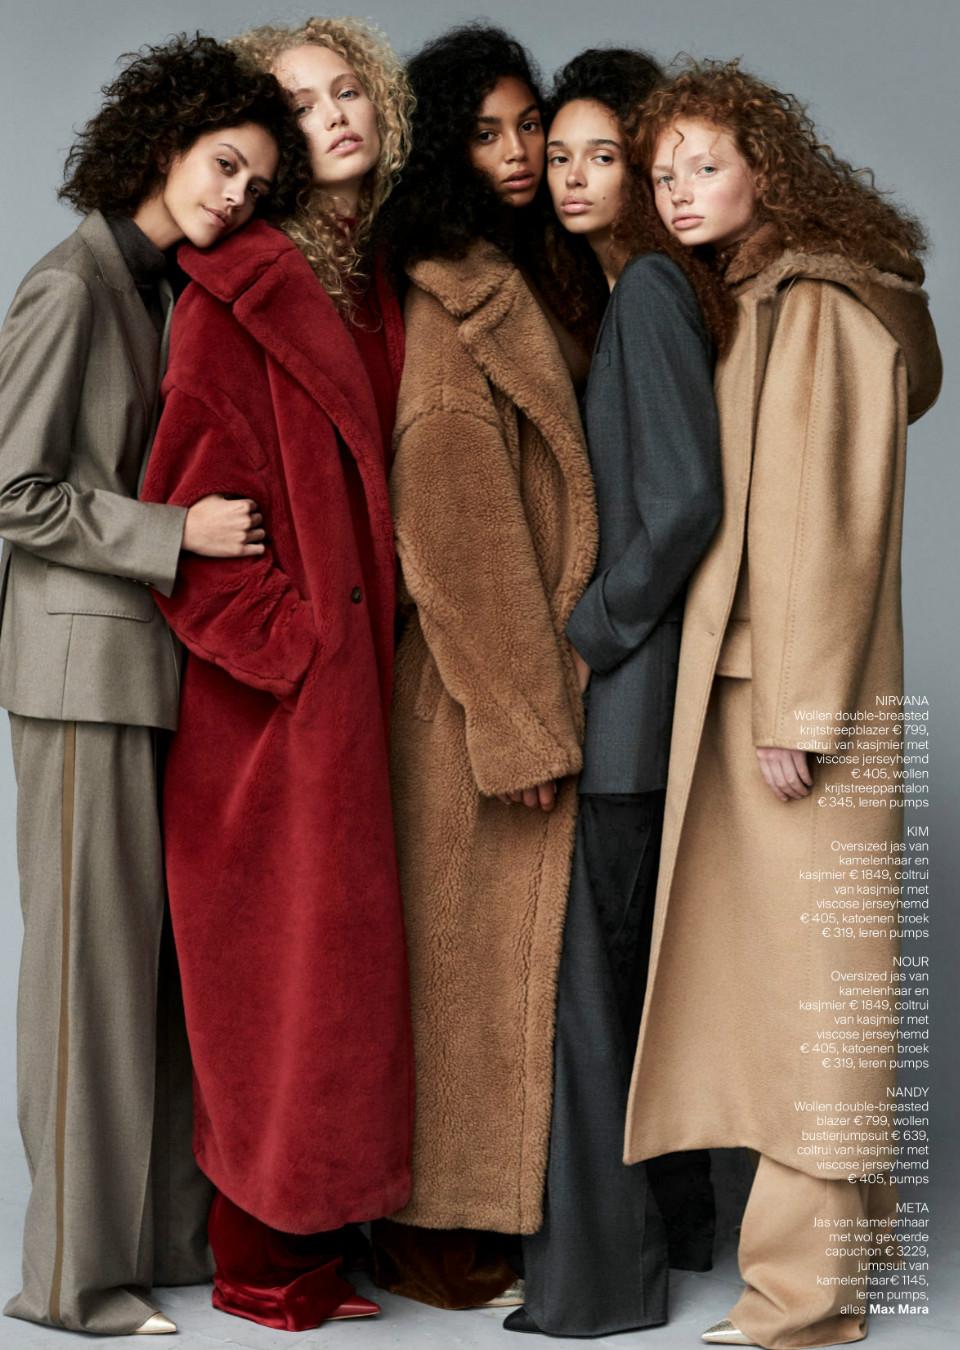 Vogue NL Sep'17